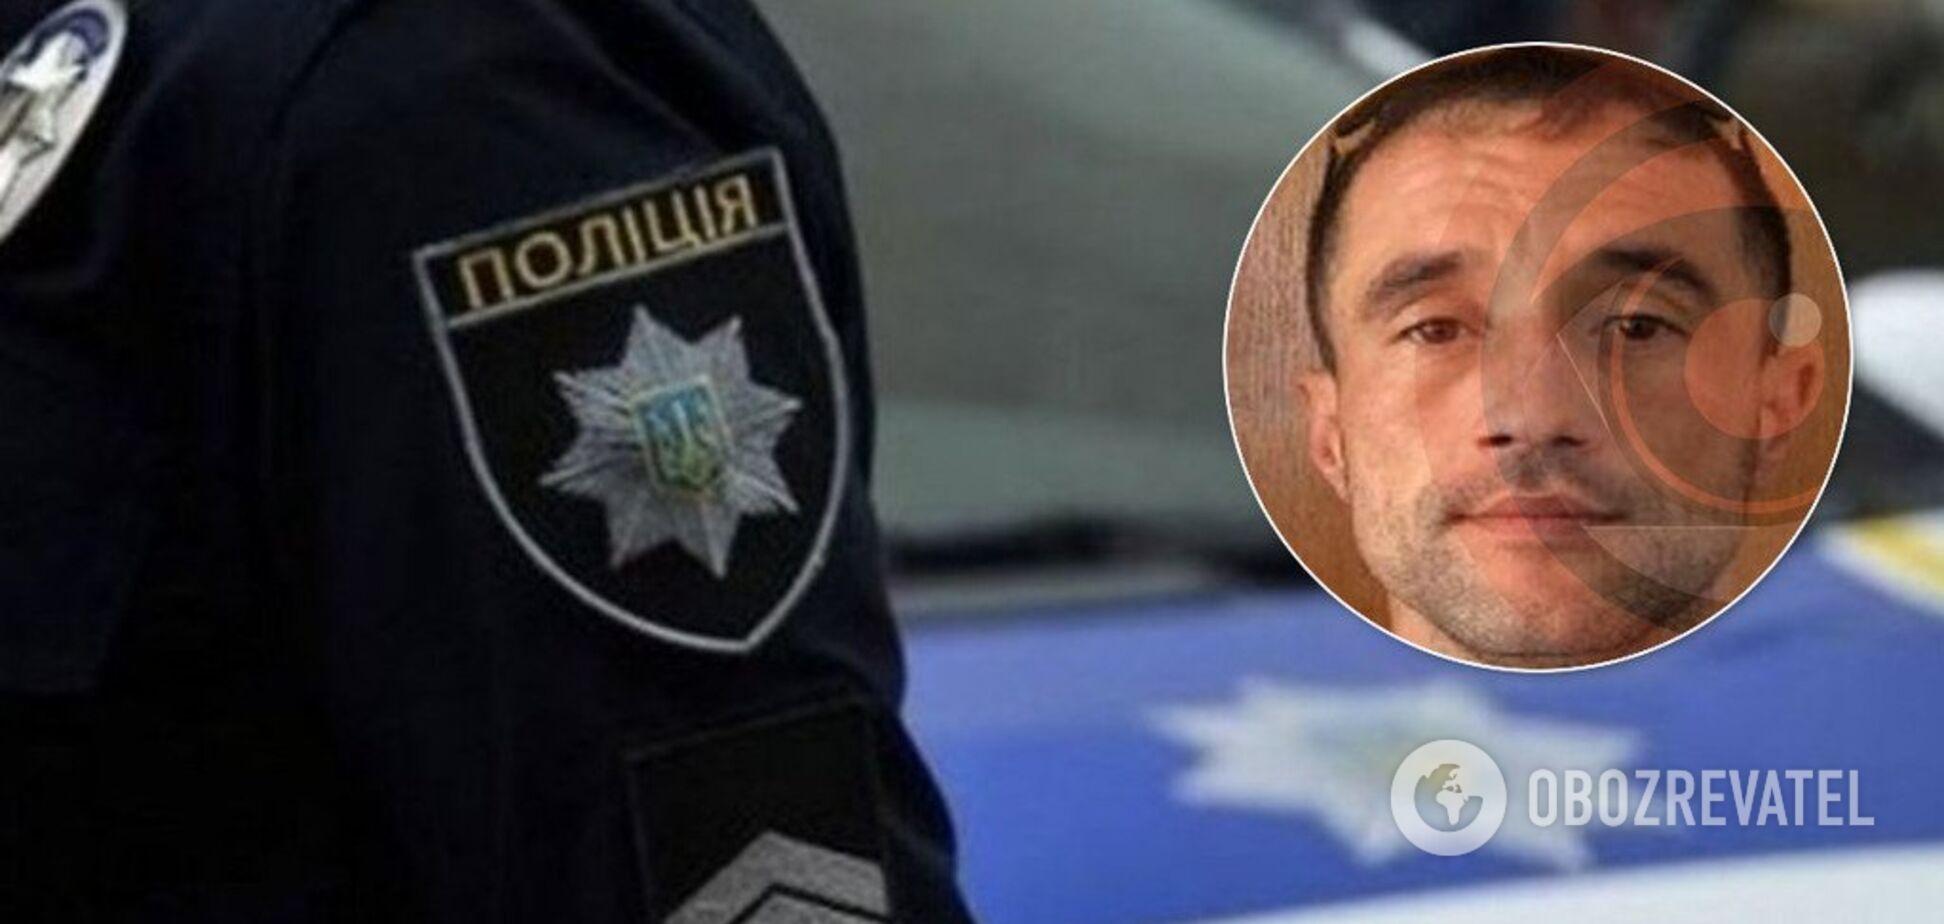 Грабеж и насилие: всплыли жуткие подробности о подозреваемом в убийстве девушек в Киеве